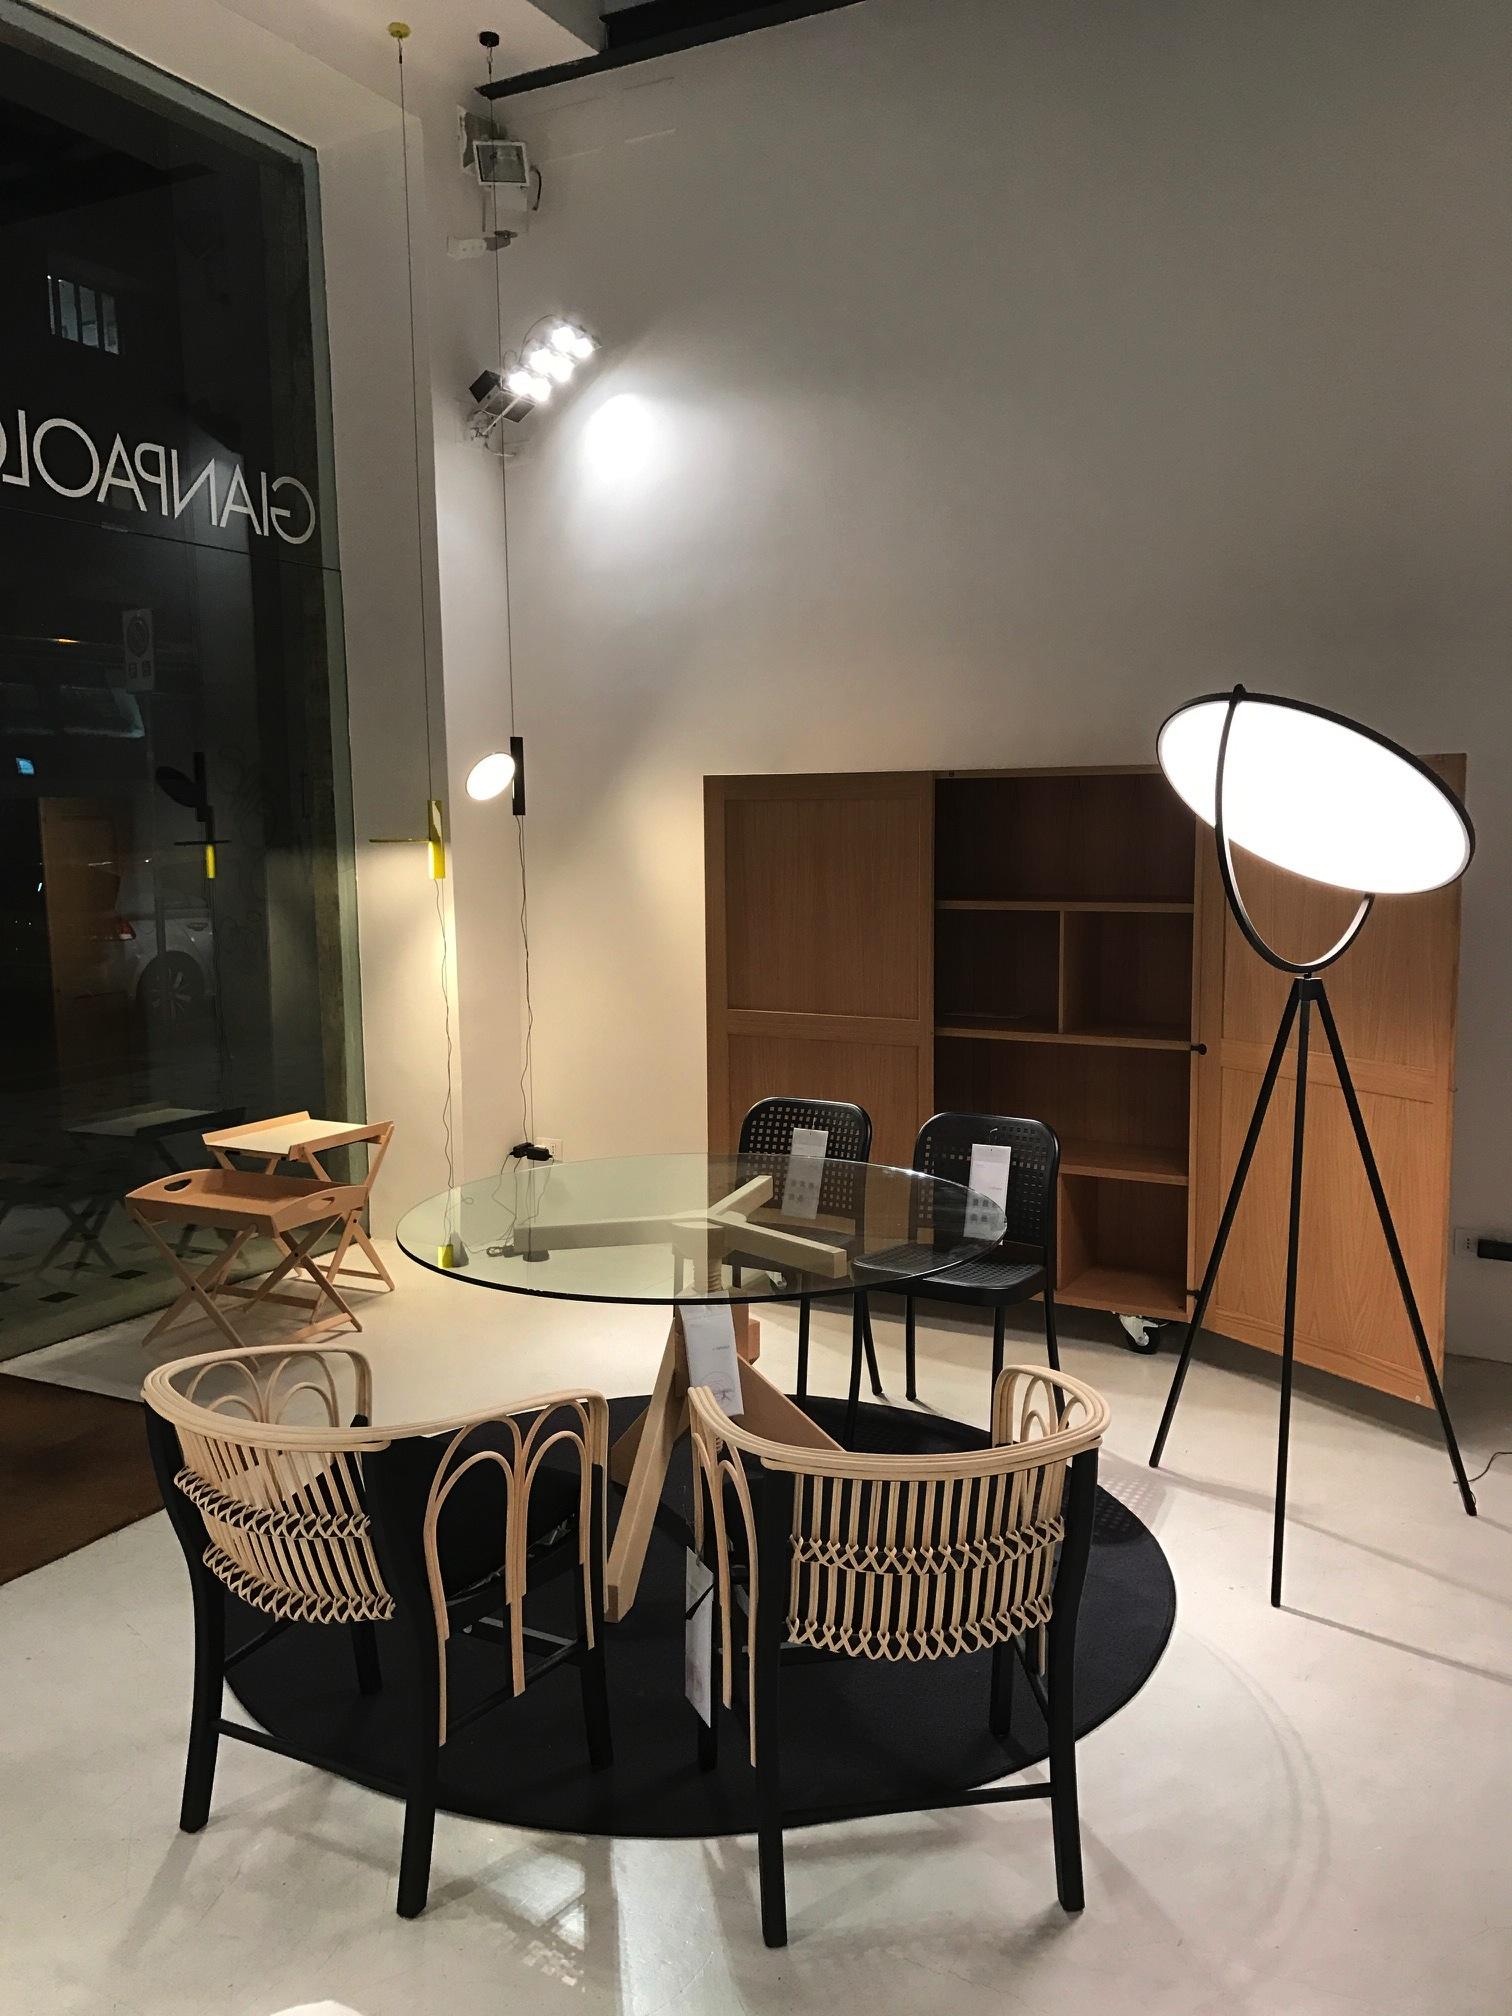 Vico Magistretti sedia Uragano design De Padova Made in Italy